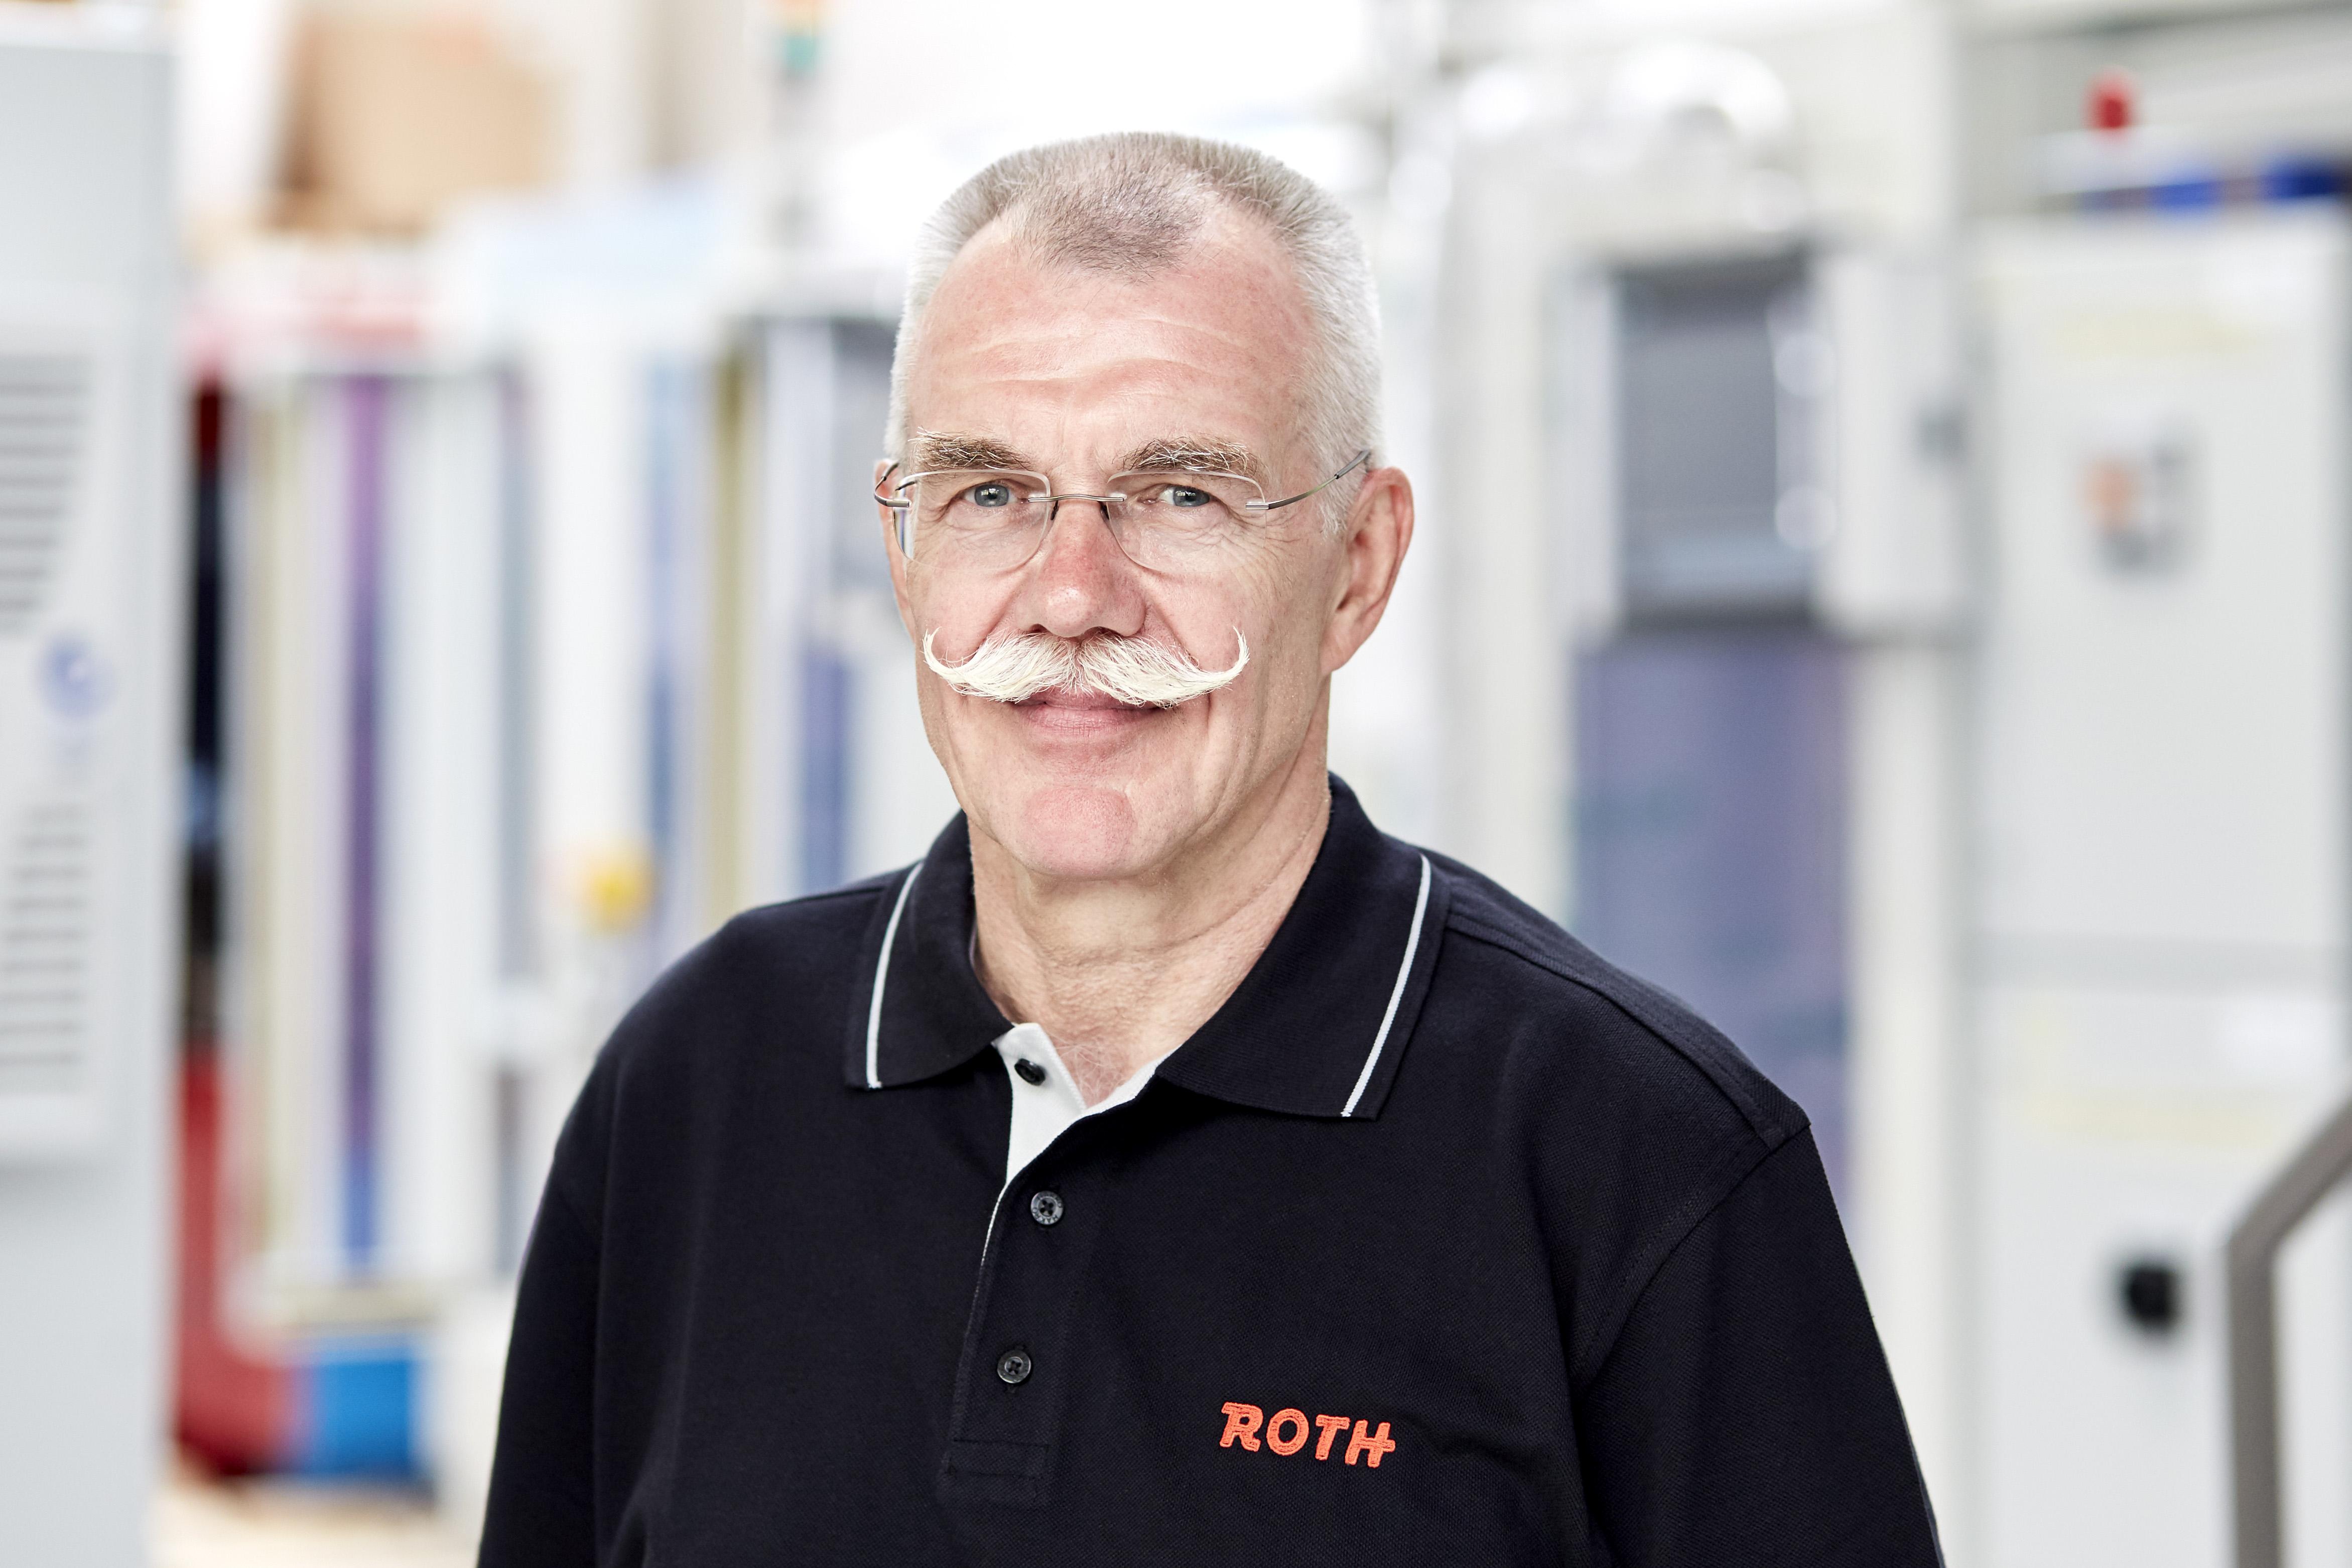 Bernd Roth - Roth Steuerungstechnik